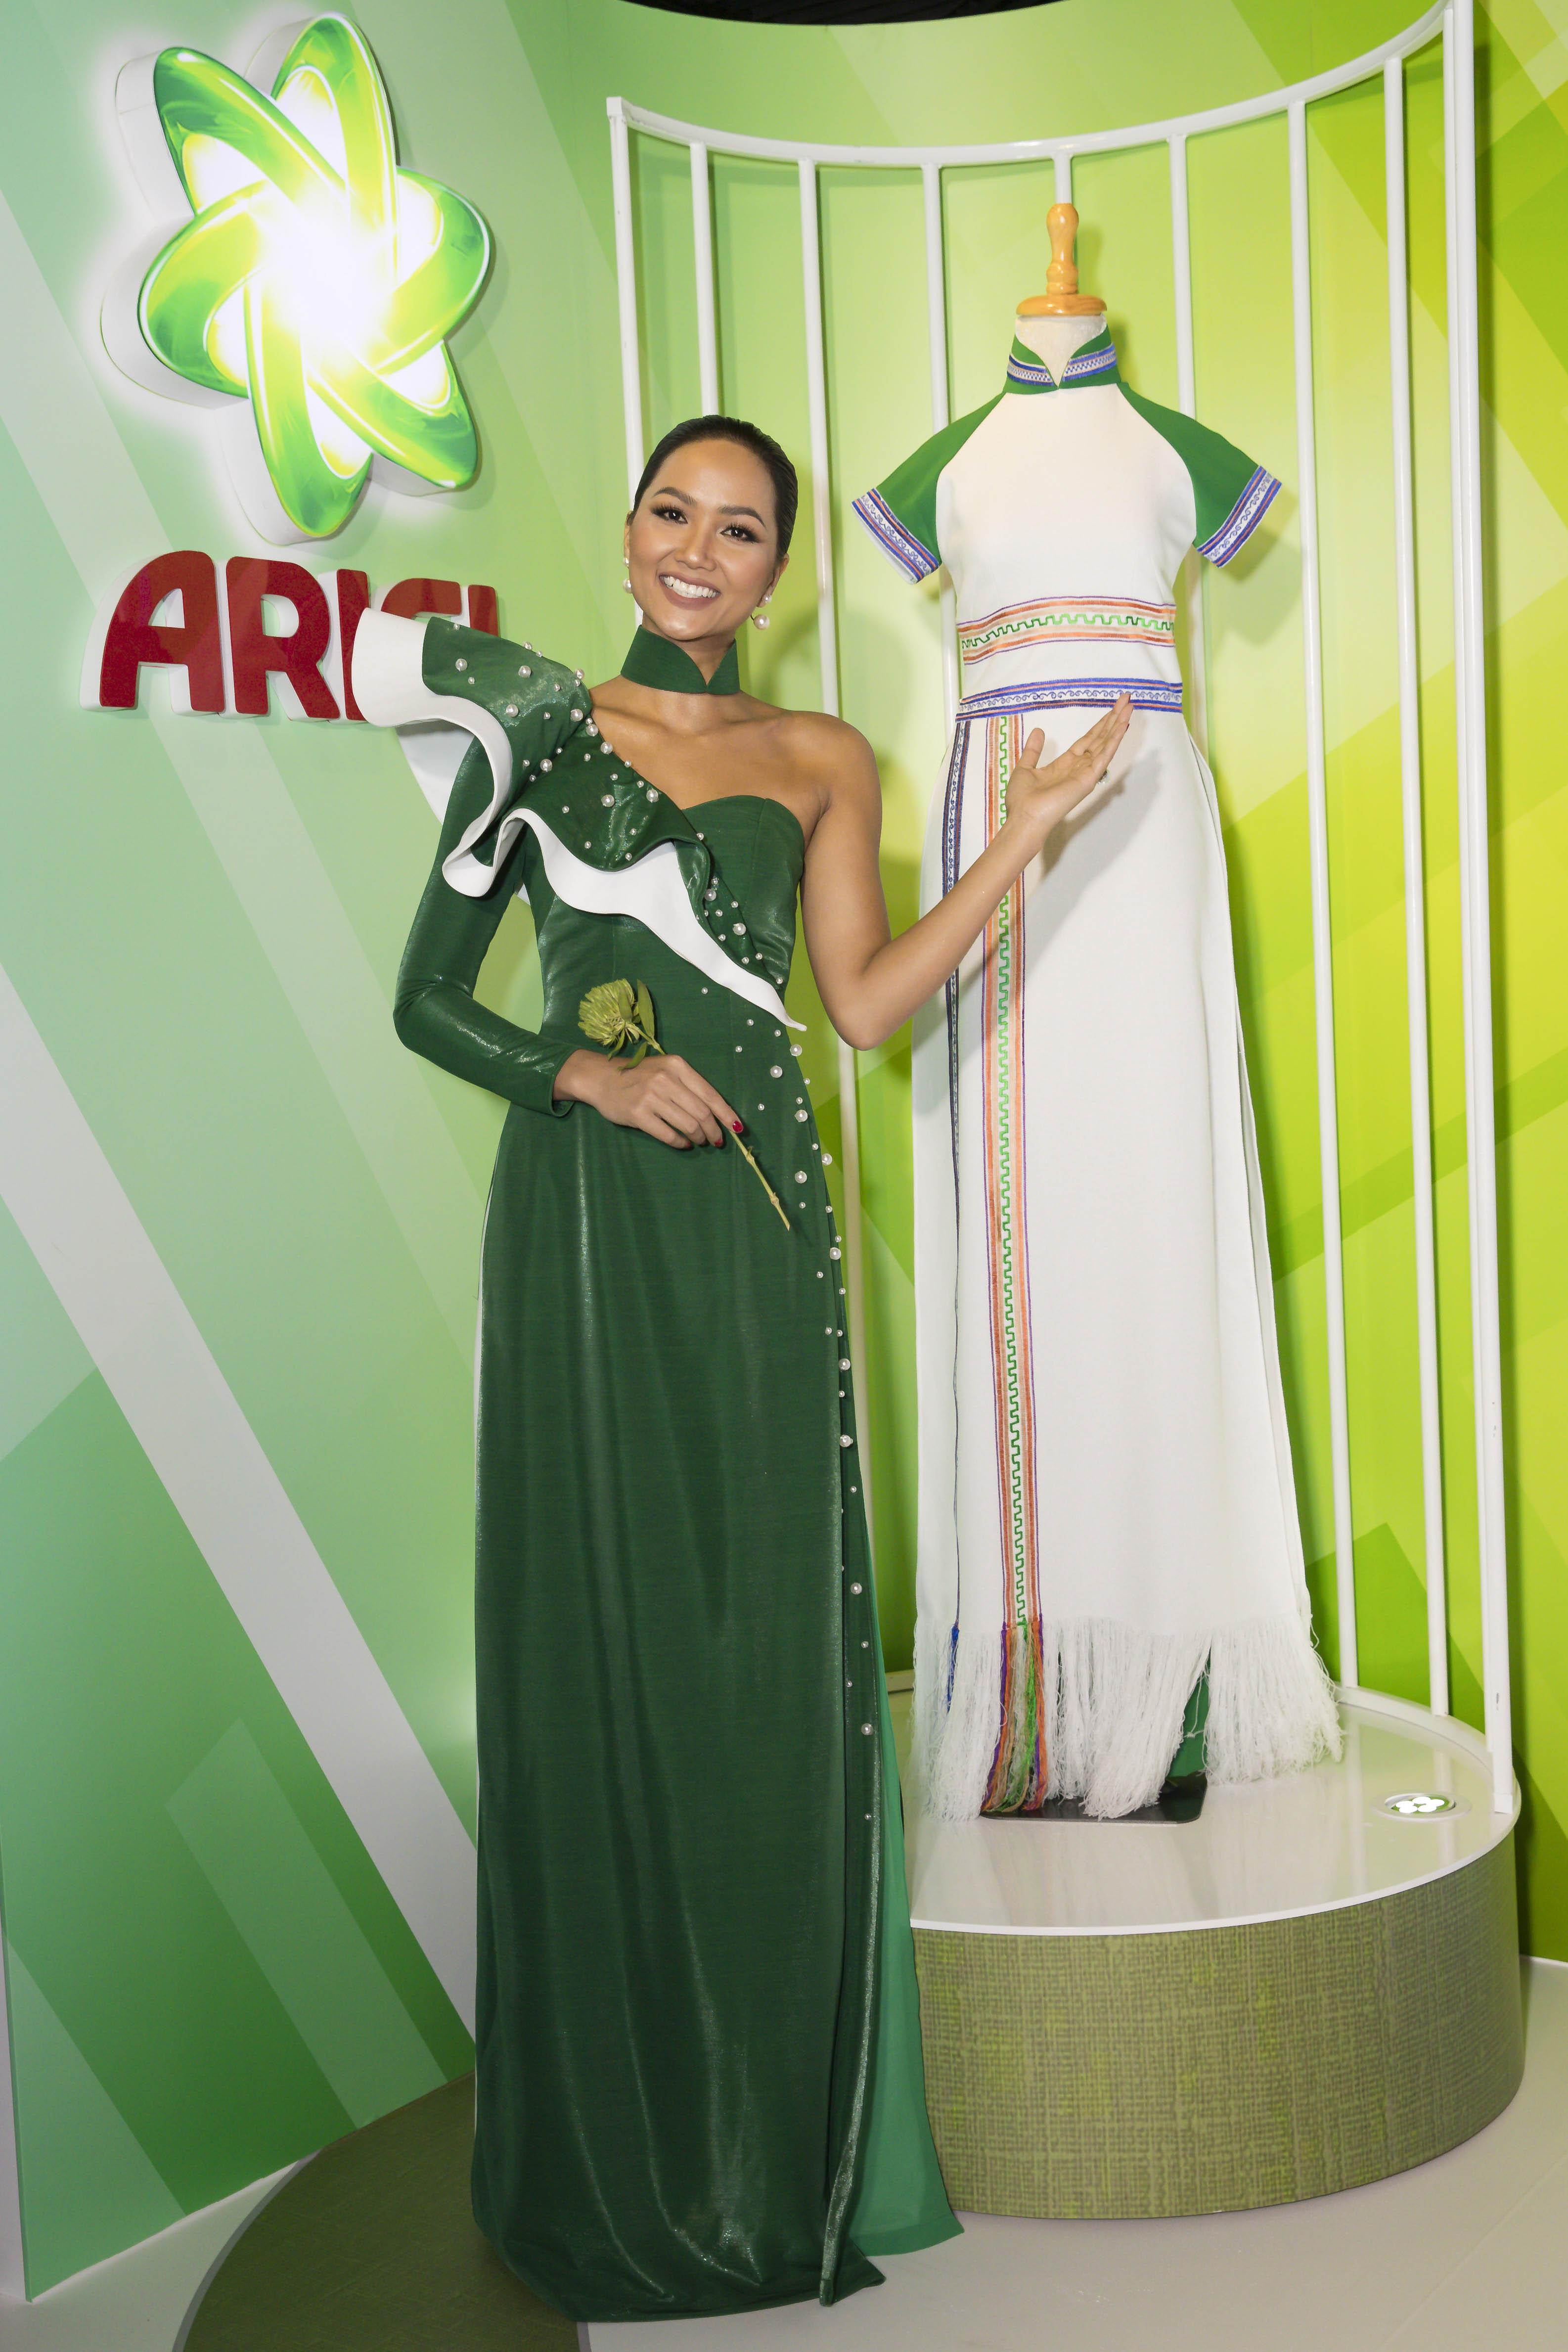 Hoa hậu H'Hen Nie cùng với chiếc áo dài trong sự kiện